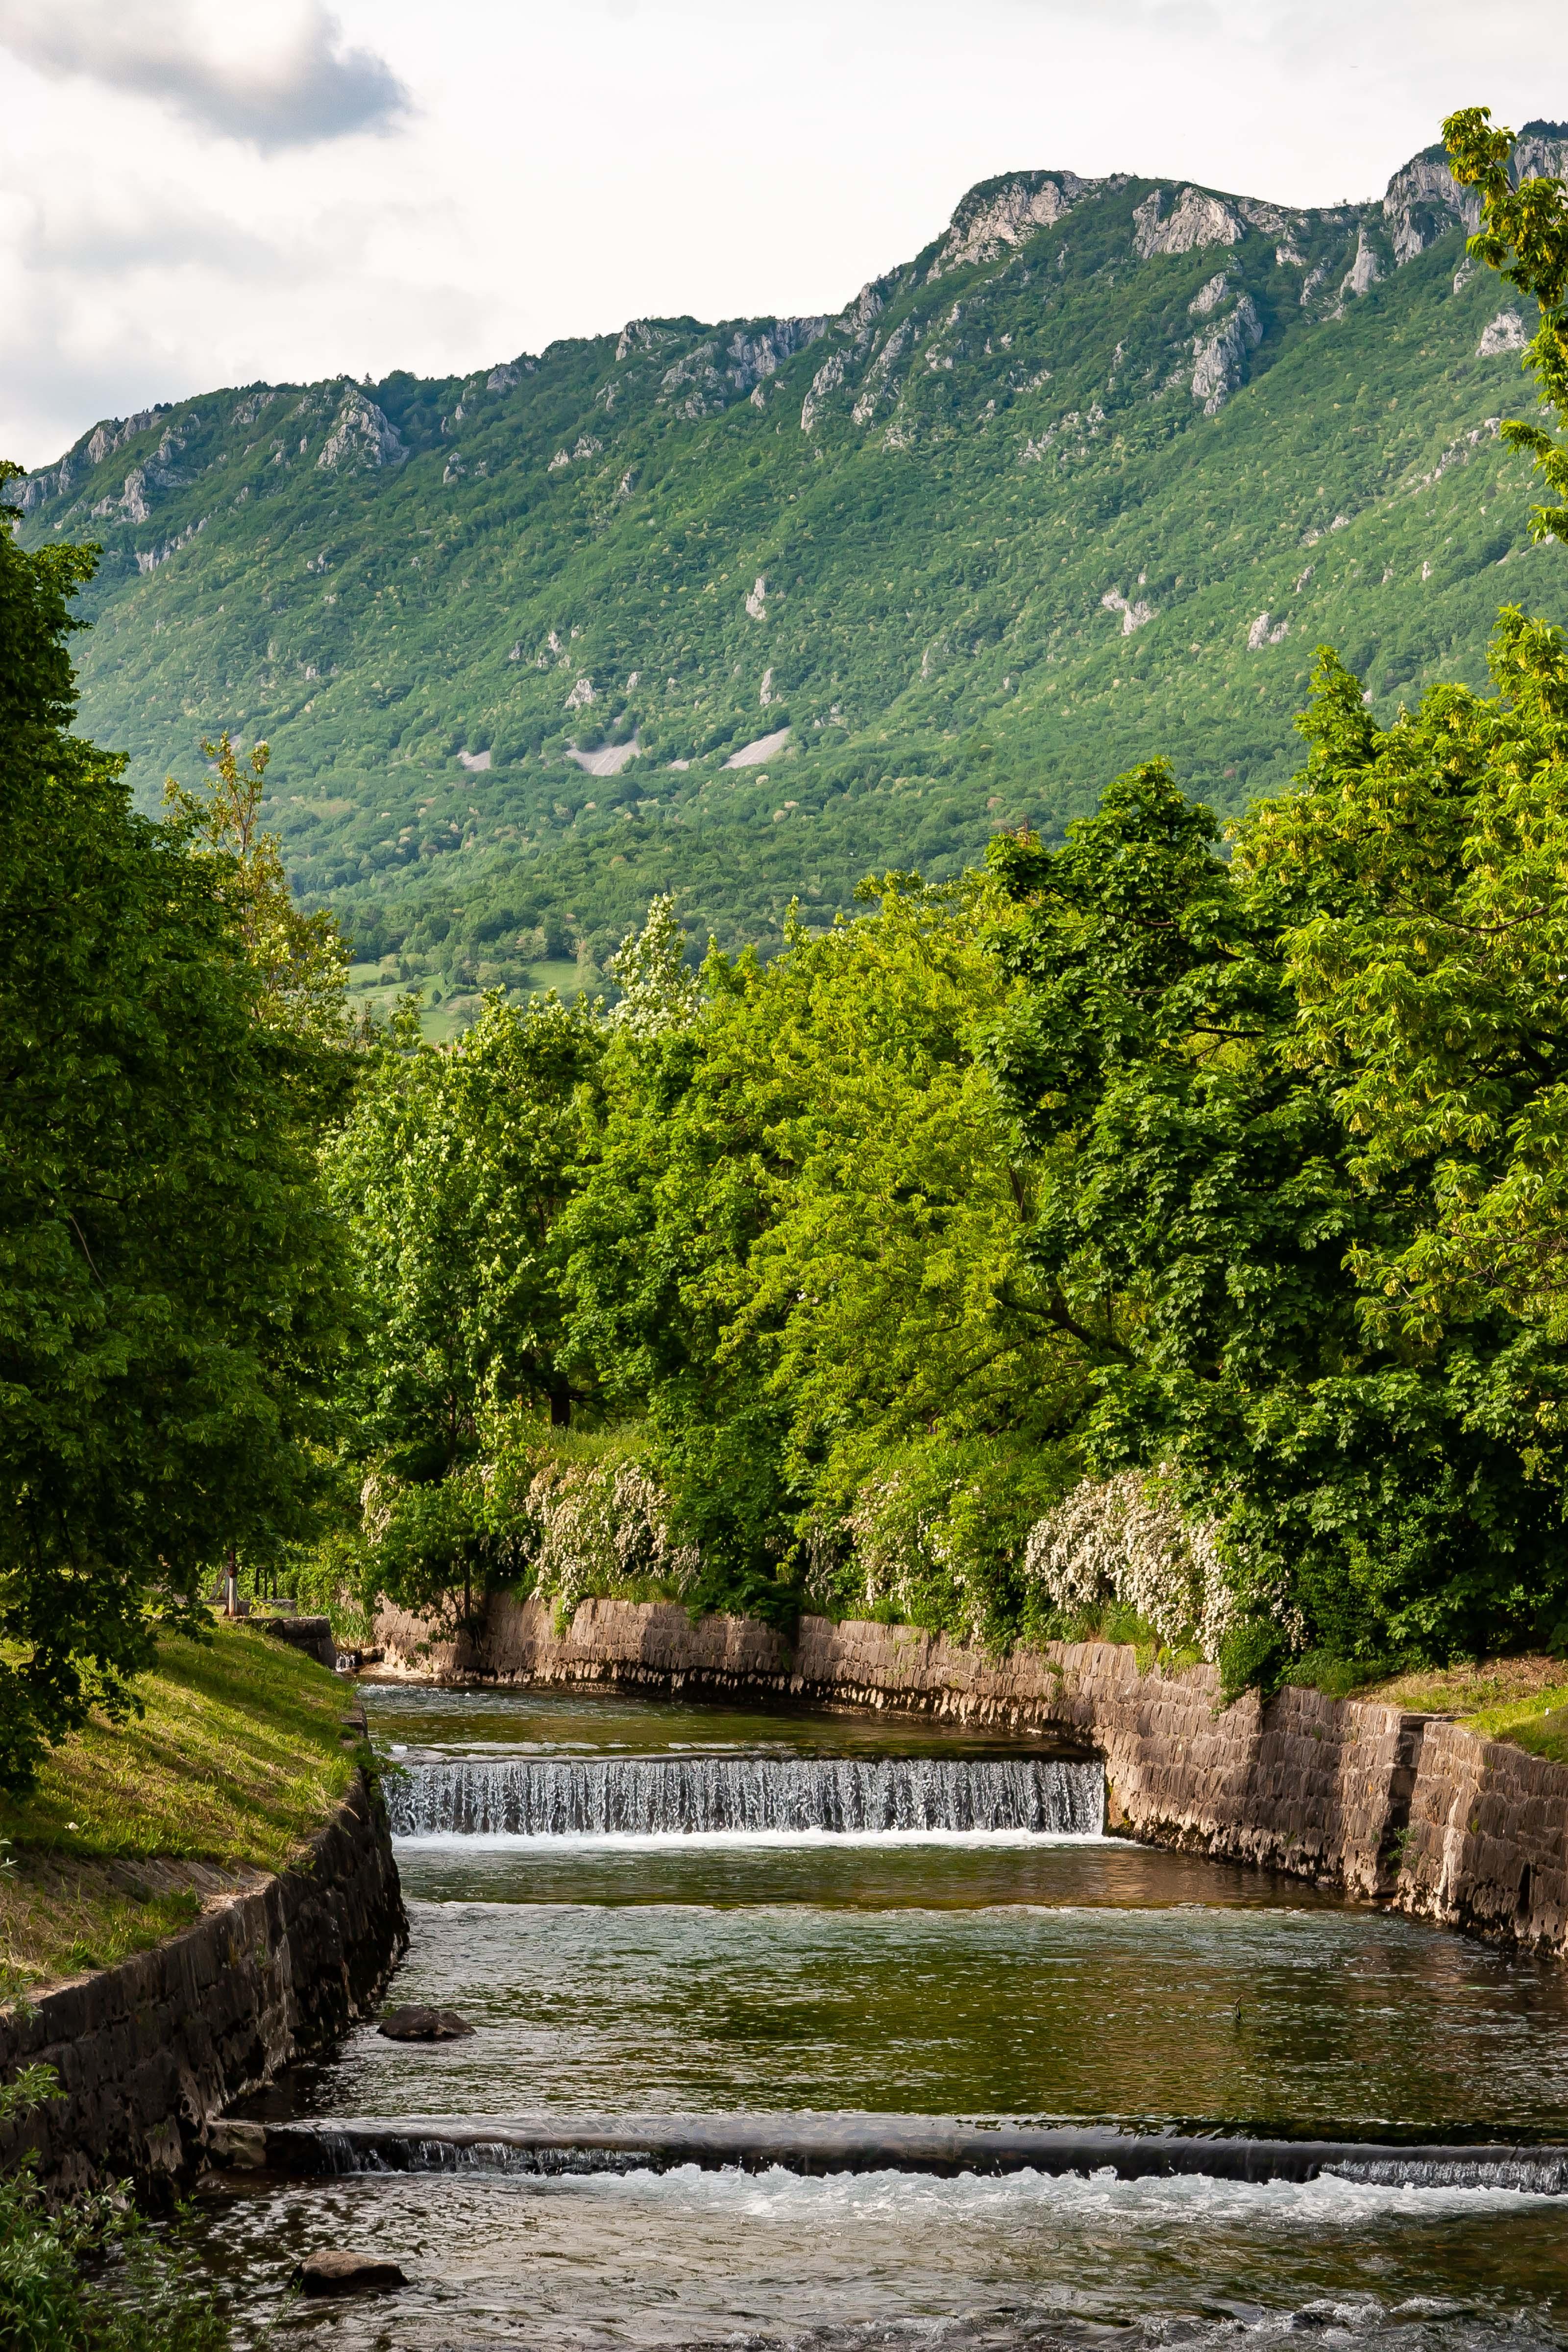 Slovenia, Ajdovscina Prov, Canal, 2006, IMG 6778